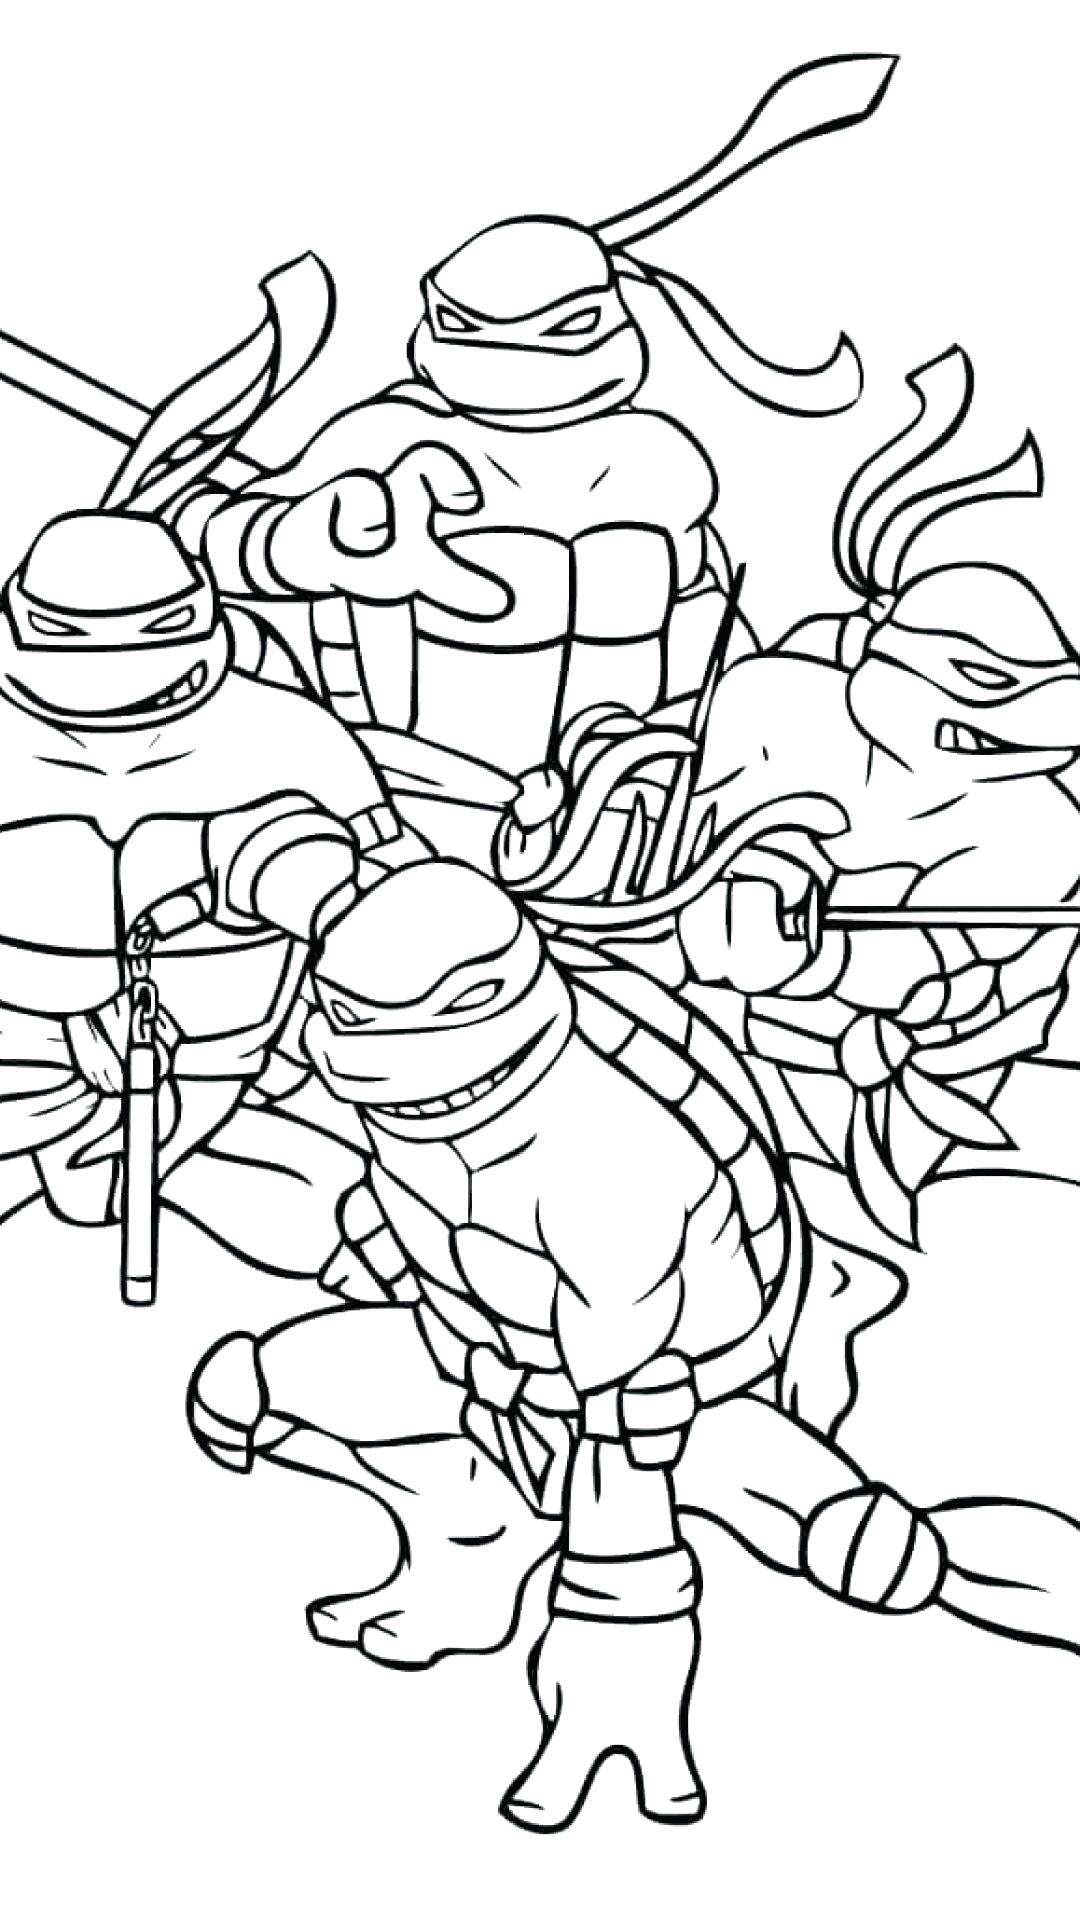 Ninja Turtle Head Drawing at GetDrawings | Free download